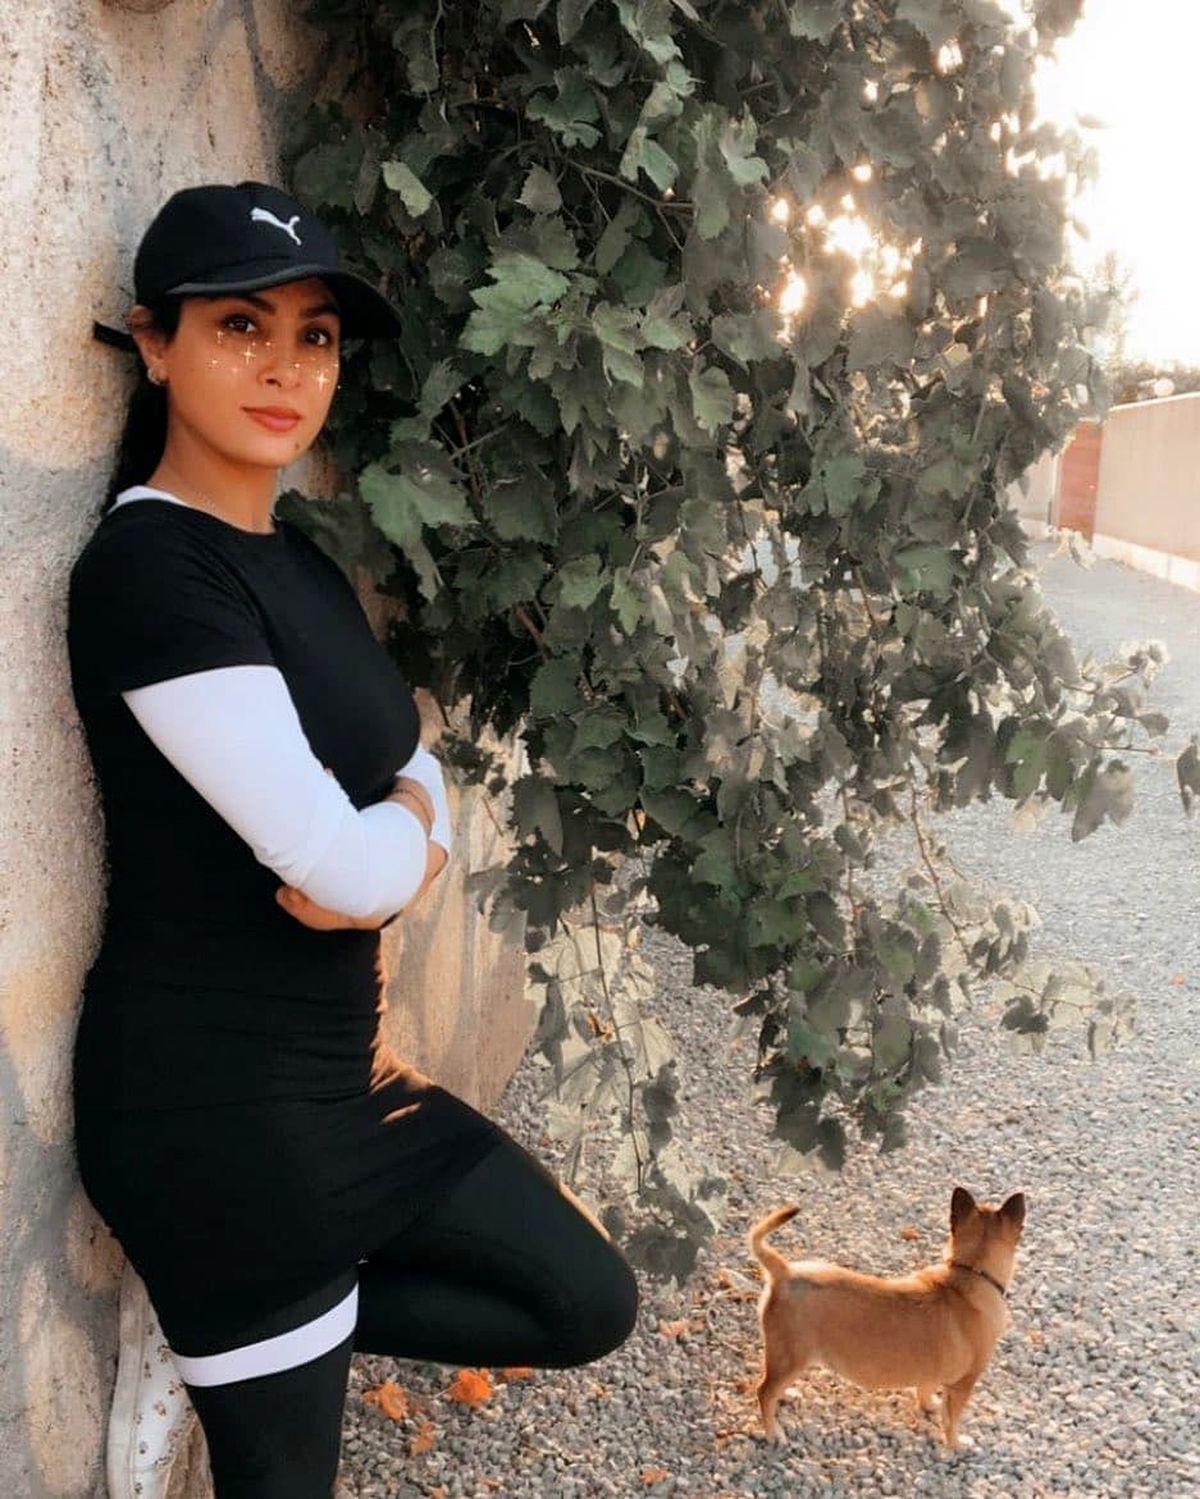 چالش جدید حدیث تهرانی و همسرش جنجالی شد + فیلم